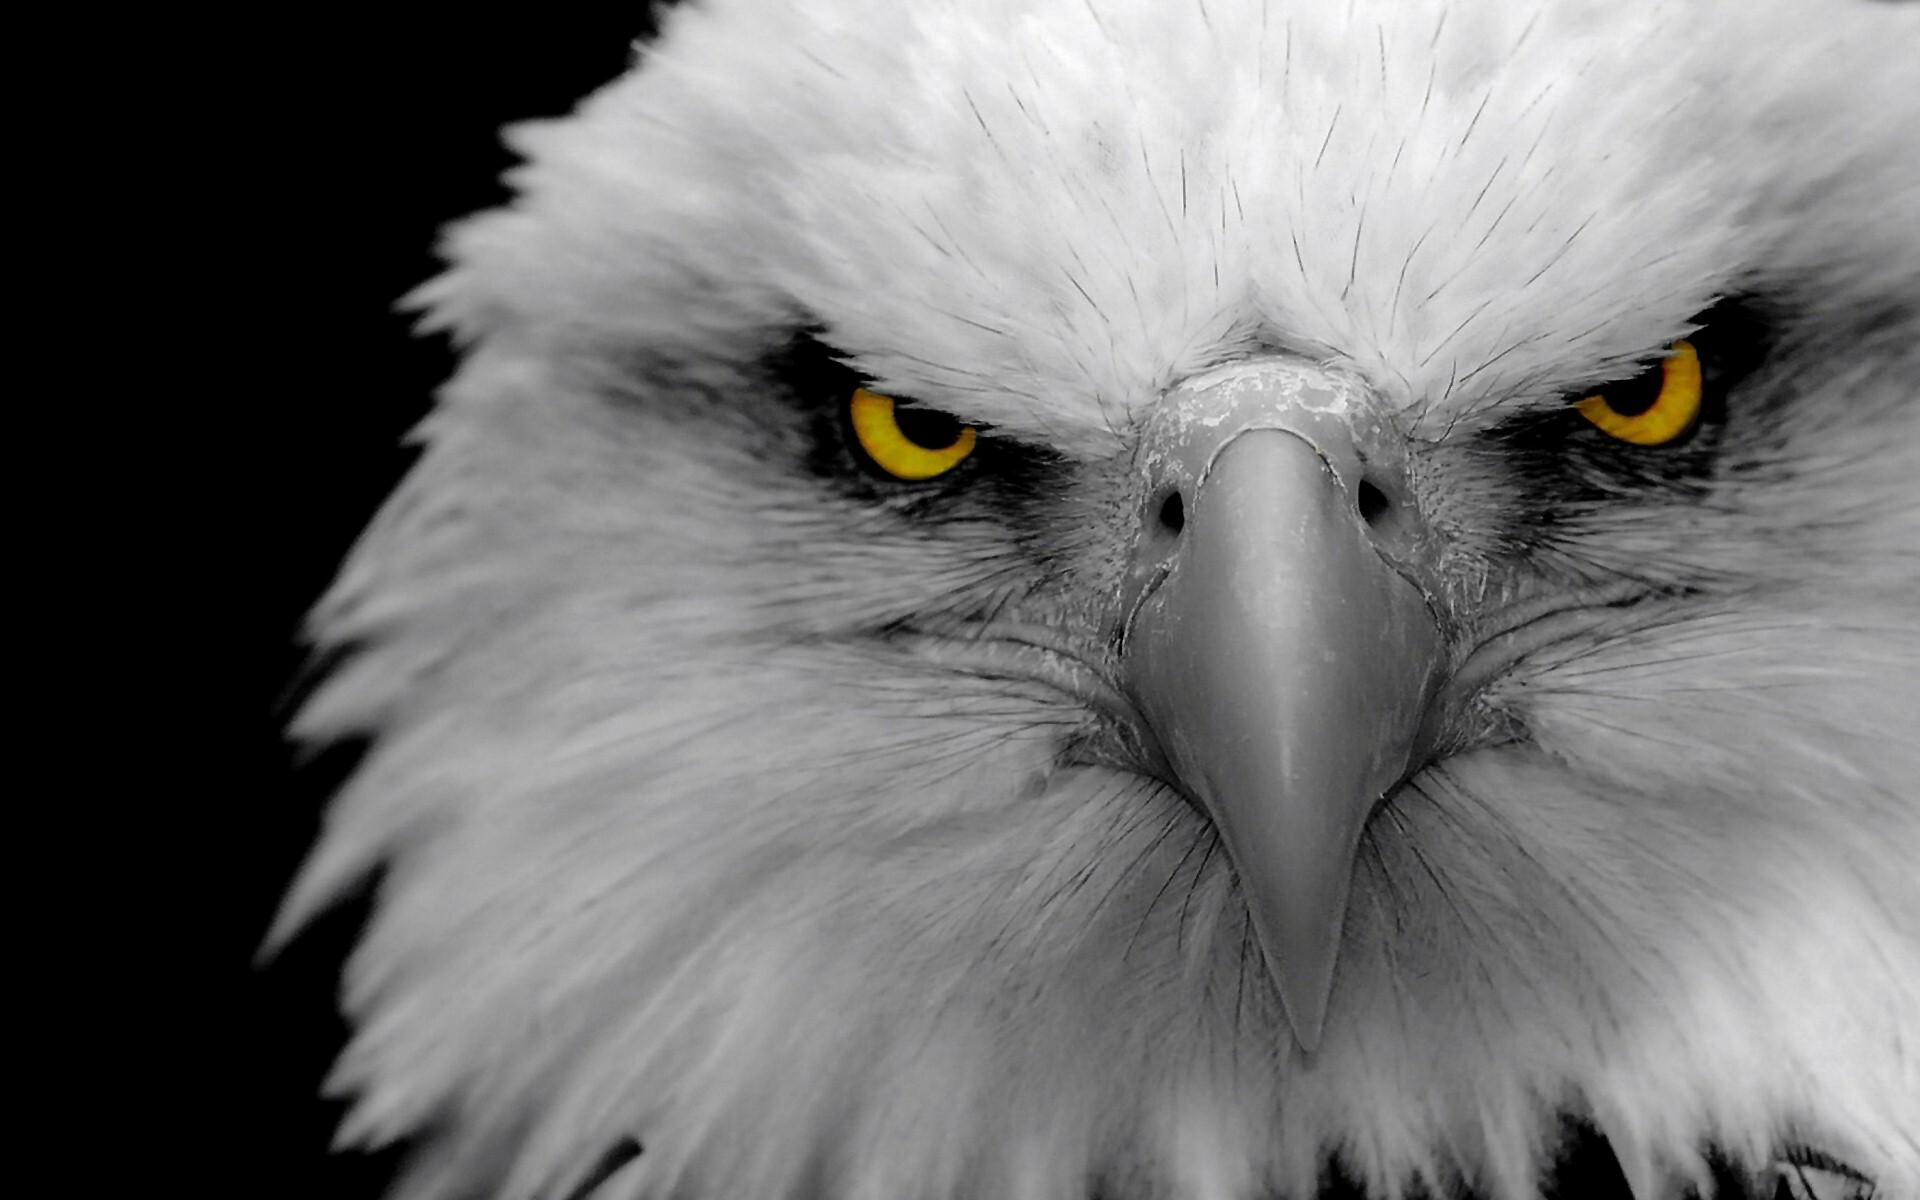 Eagle HD Desktop Background Wallpaper | HD Wallpapers